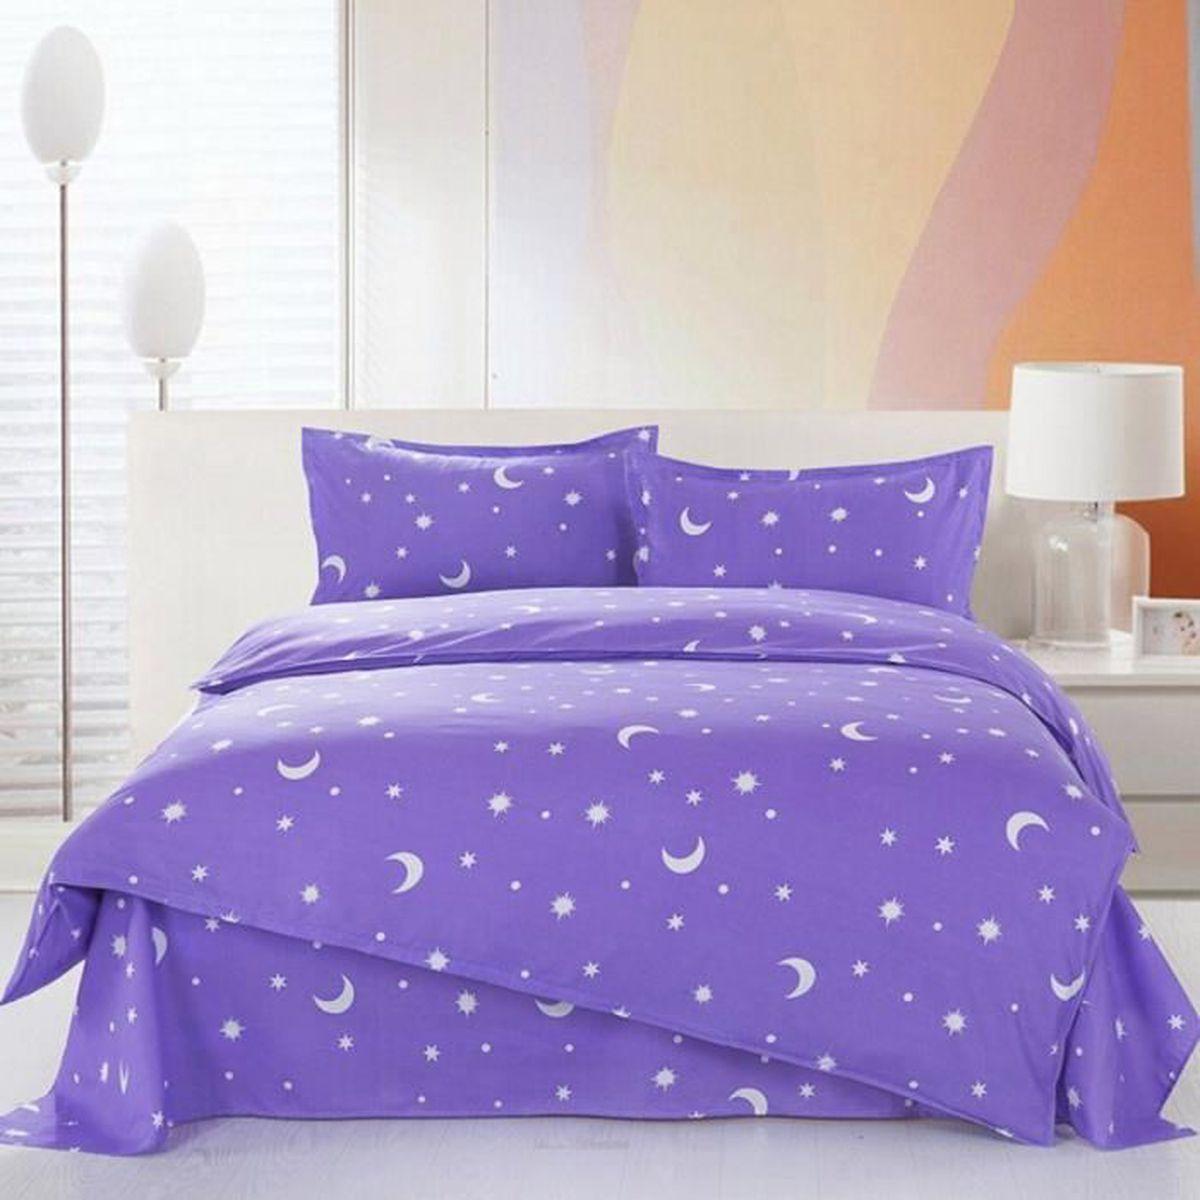 awesome parure de couette uk pcs parure de lit couverture housse couette with housse de couette. Black Bedroom Furniture Sets. Home Design Ideas